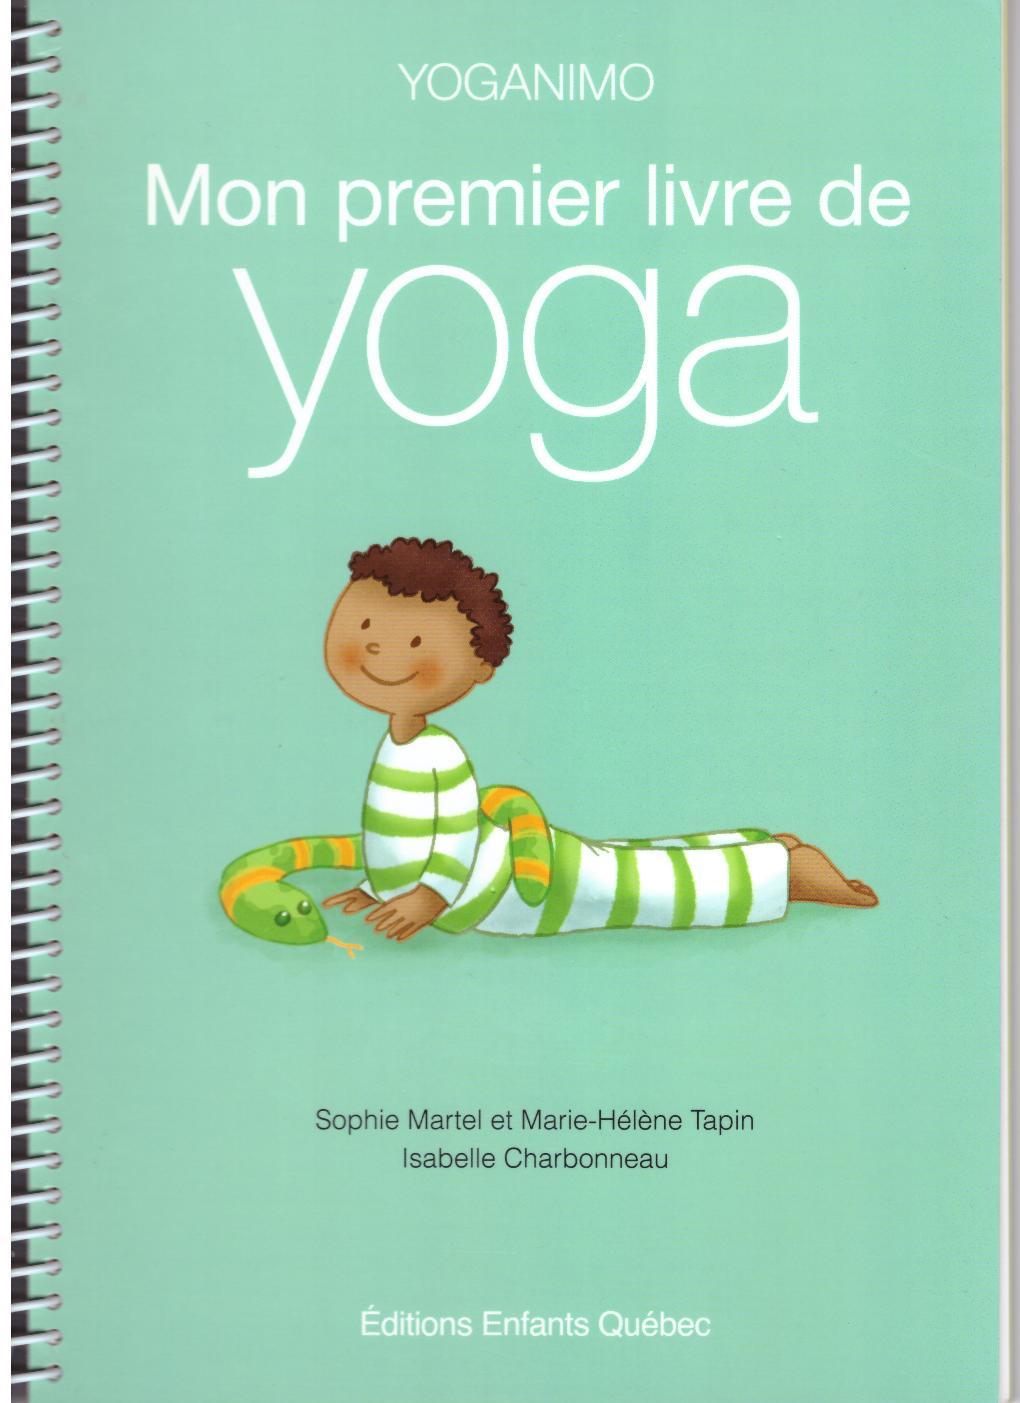 Mon premier livre de yoga - Martel-Tapin-Charbonneau